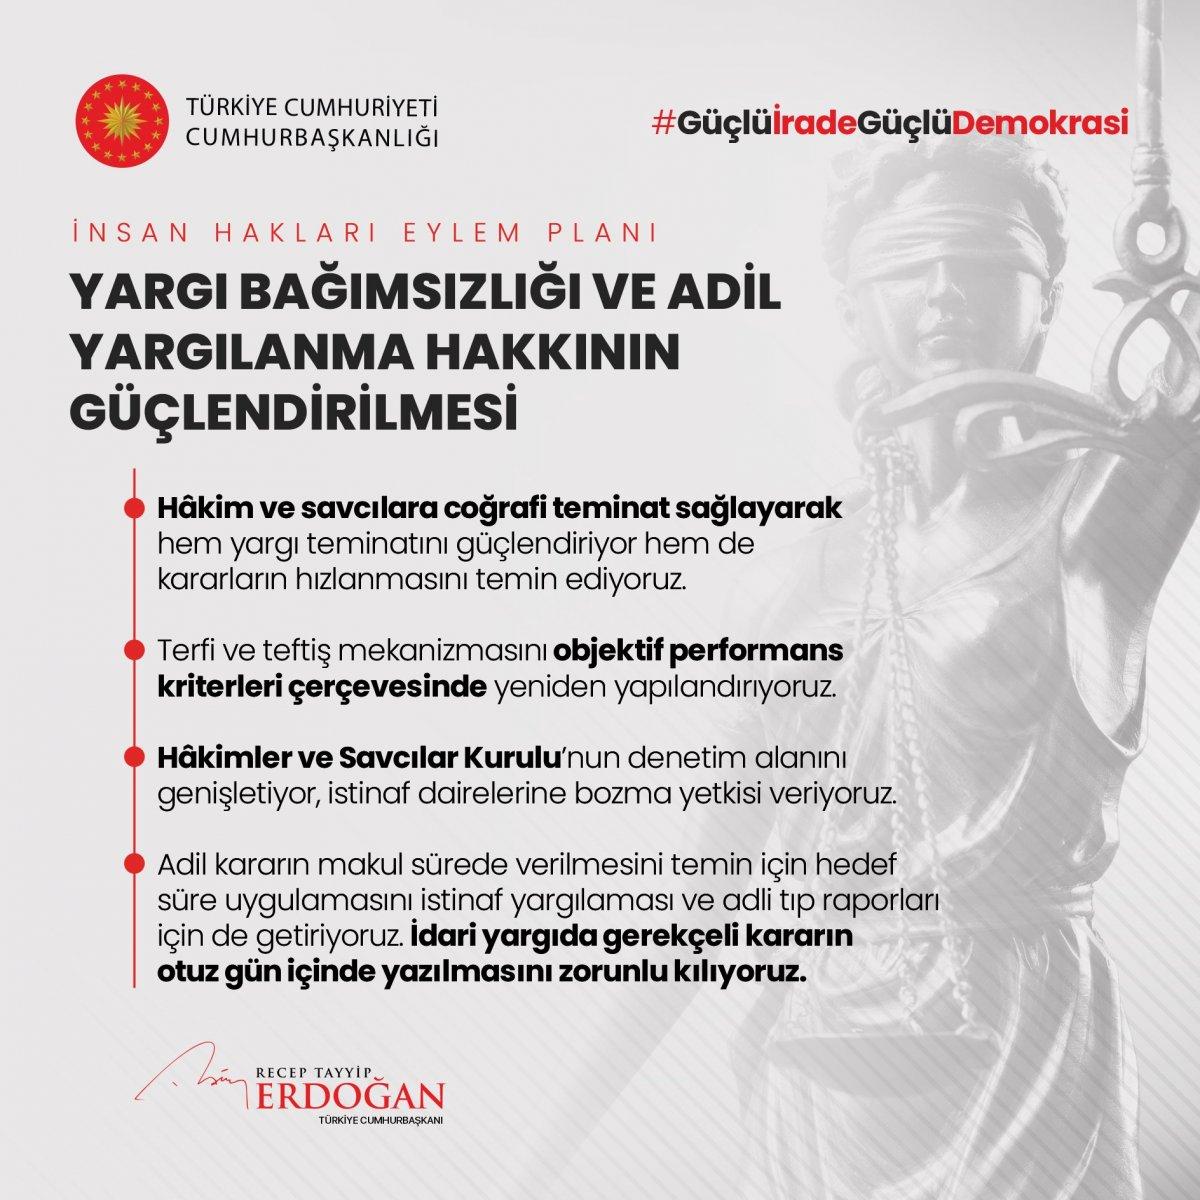 Erdoğan, İnsan Hakları Eylem Planı'nın 11 ilkesini açıkladı #2